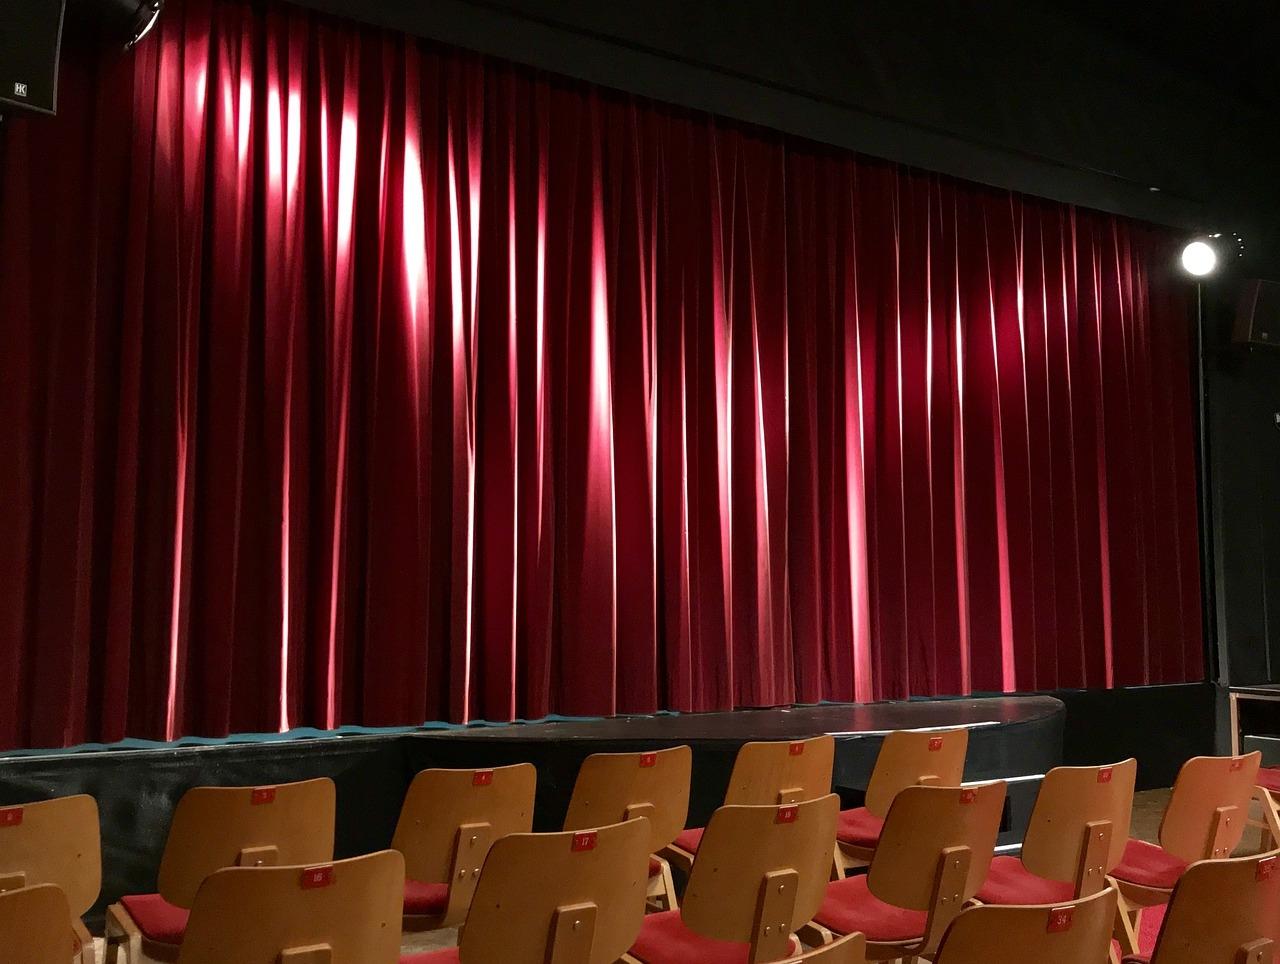 Quando a cortina se fecha, que venham os aplausos ou as vaias, o sucesso ou o fracasso.